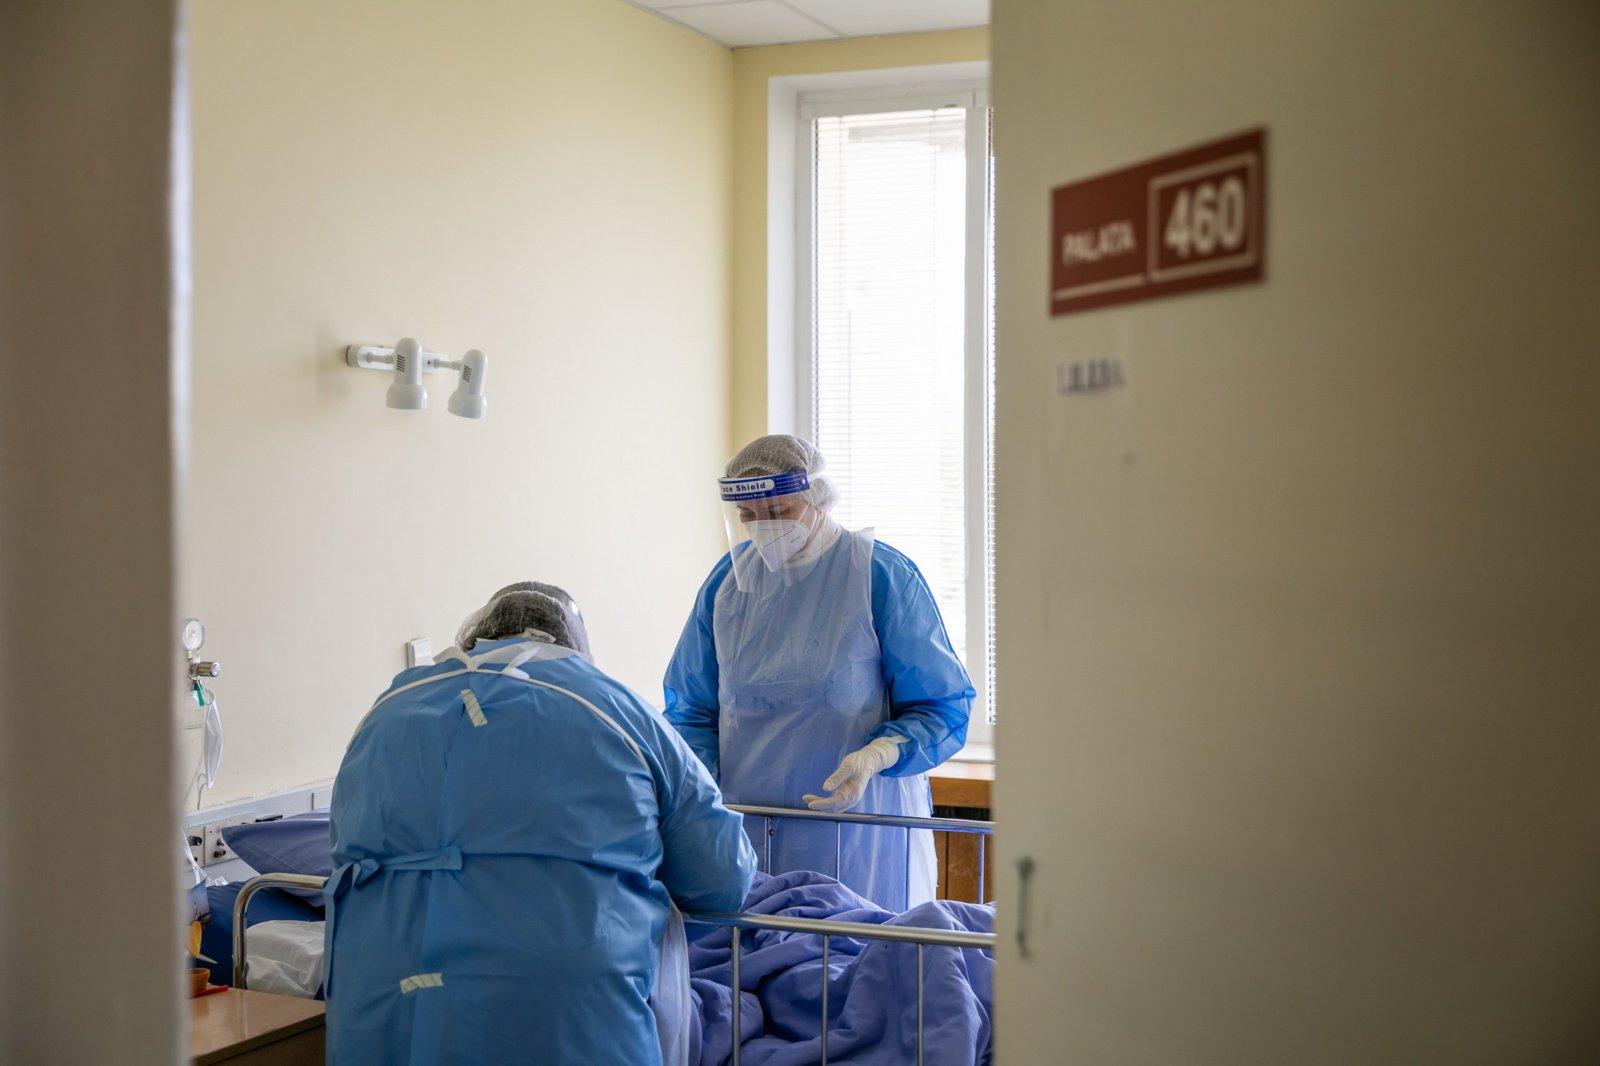 Ligoninėse dėl COVID-19 gydomi 342 žmonės, 32 iš jų – reanimacijoje